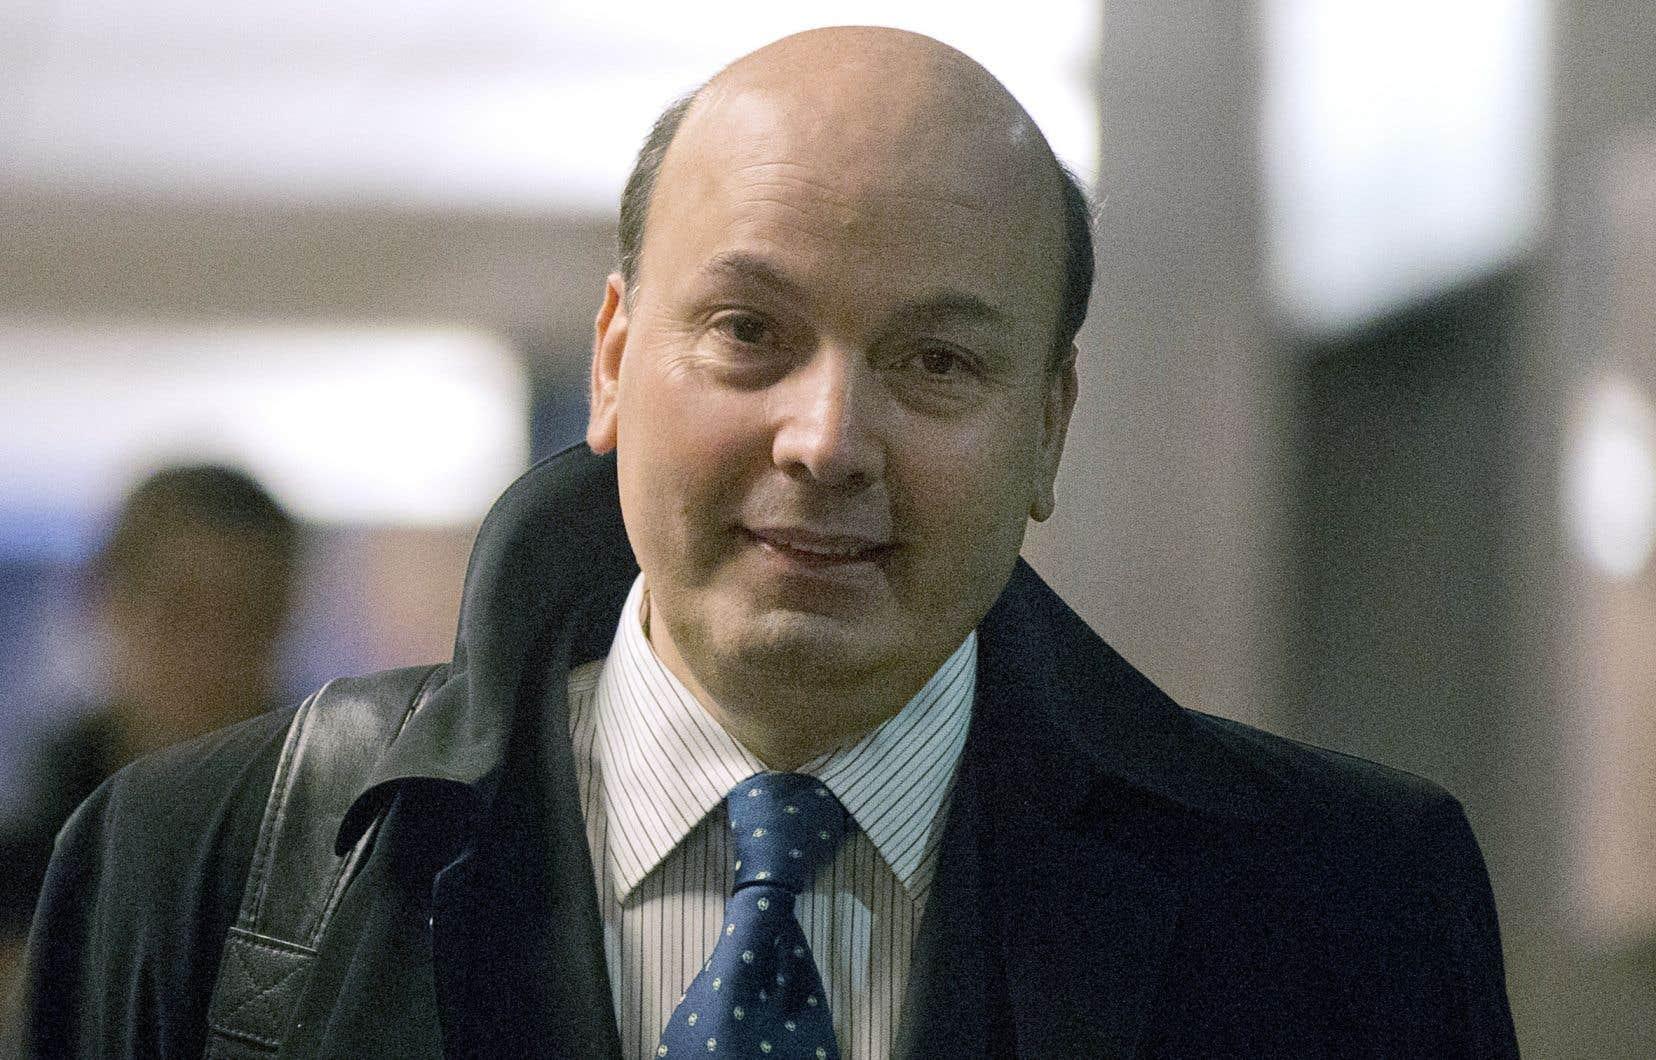 Arrêté par l'UPAC en mai 2012, l'ancien président du comité exécutif de la Ville de Montréal Frank Zampino était accusé de fraude, d'abus de confiance et de complot.